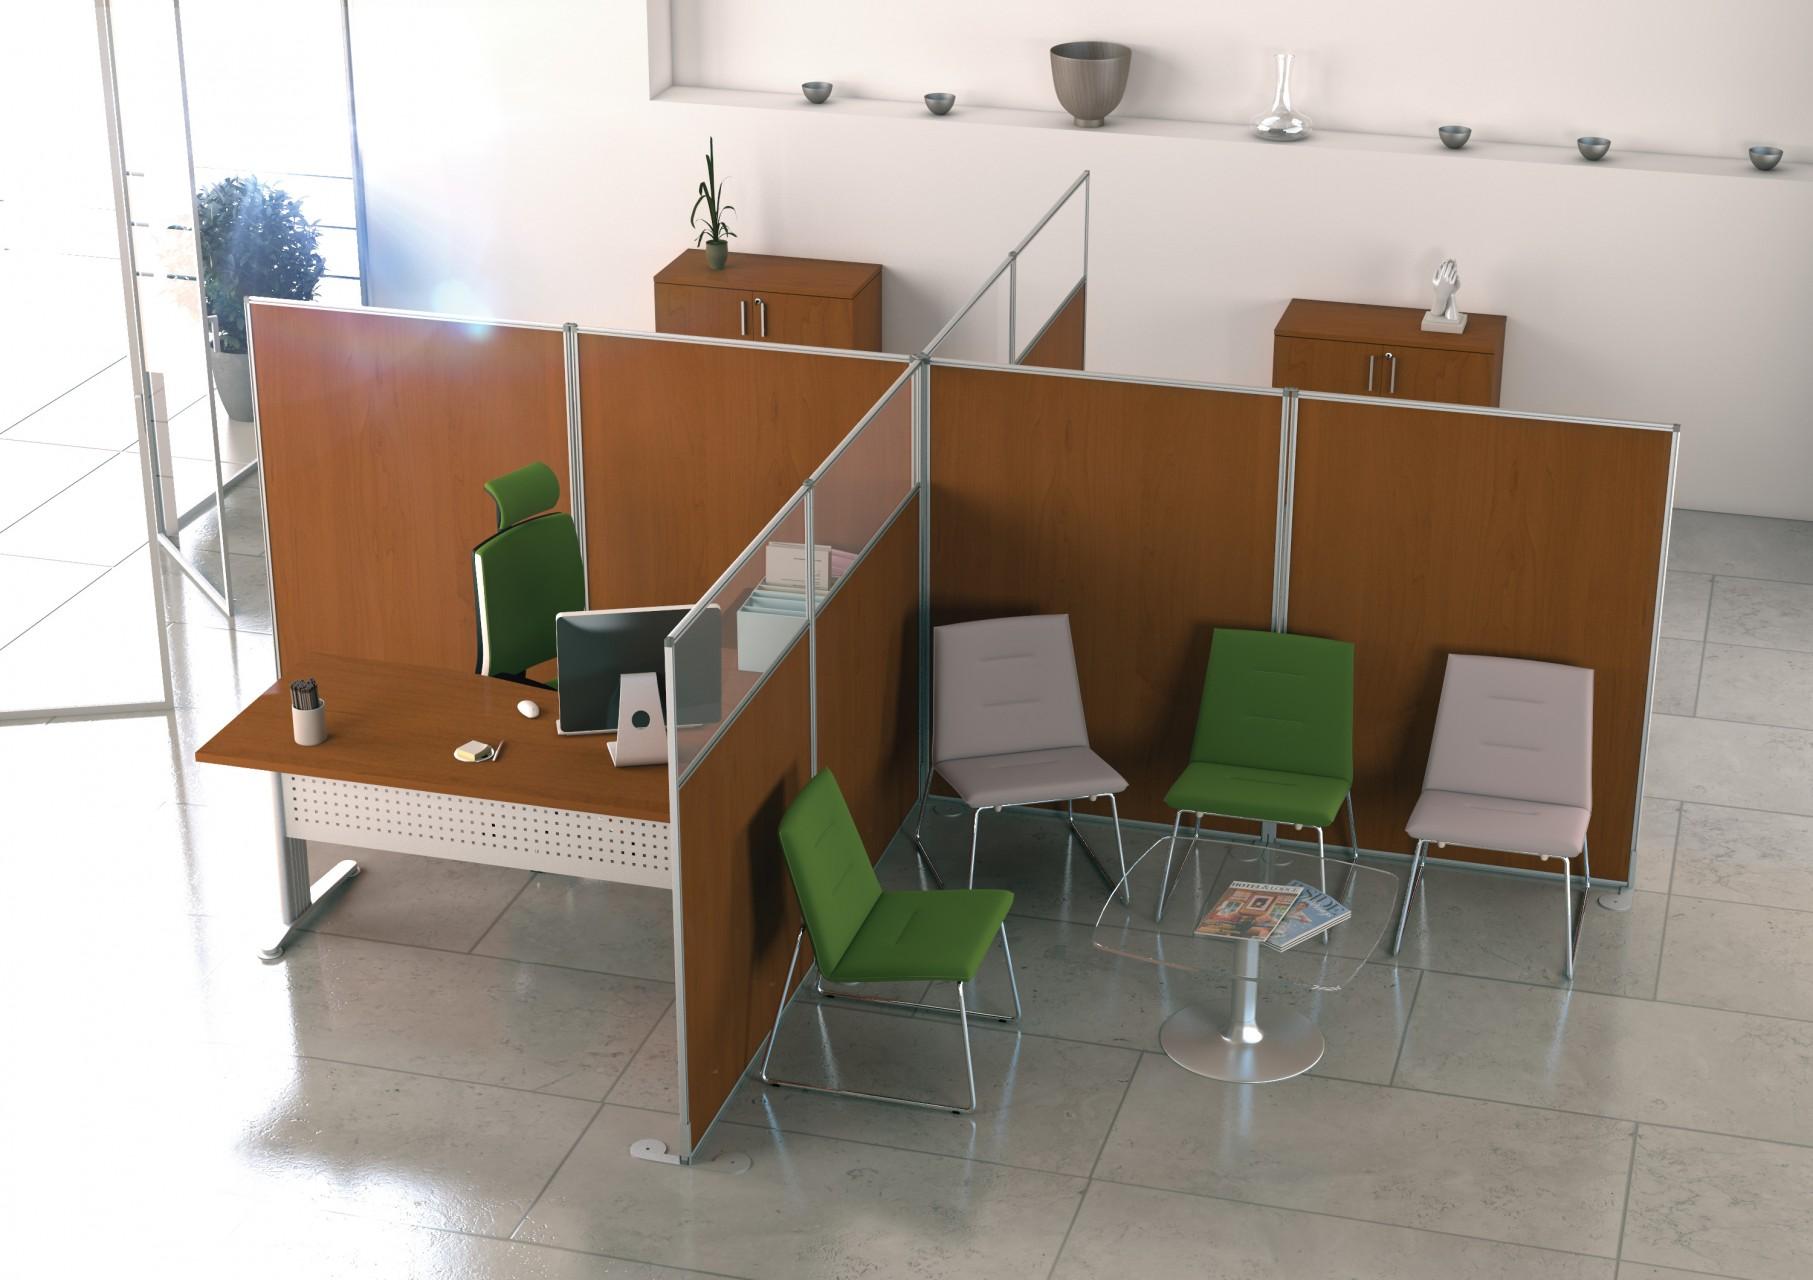 cloison translucide achat cloison avec cadre porteur. Black Bedroom Furniture Sets. Home Design Ideas